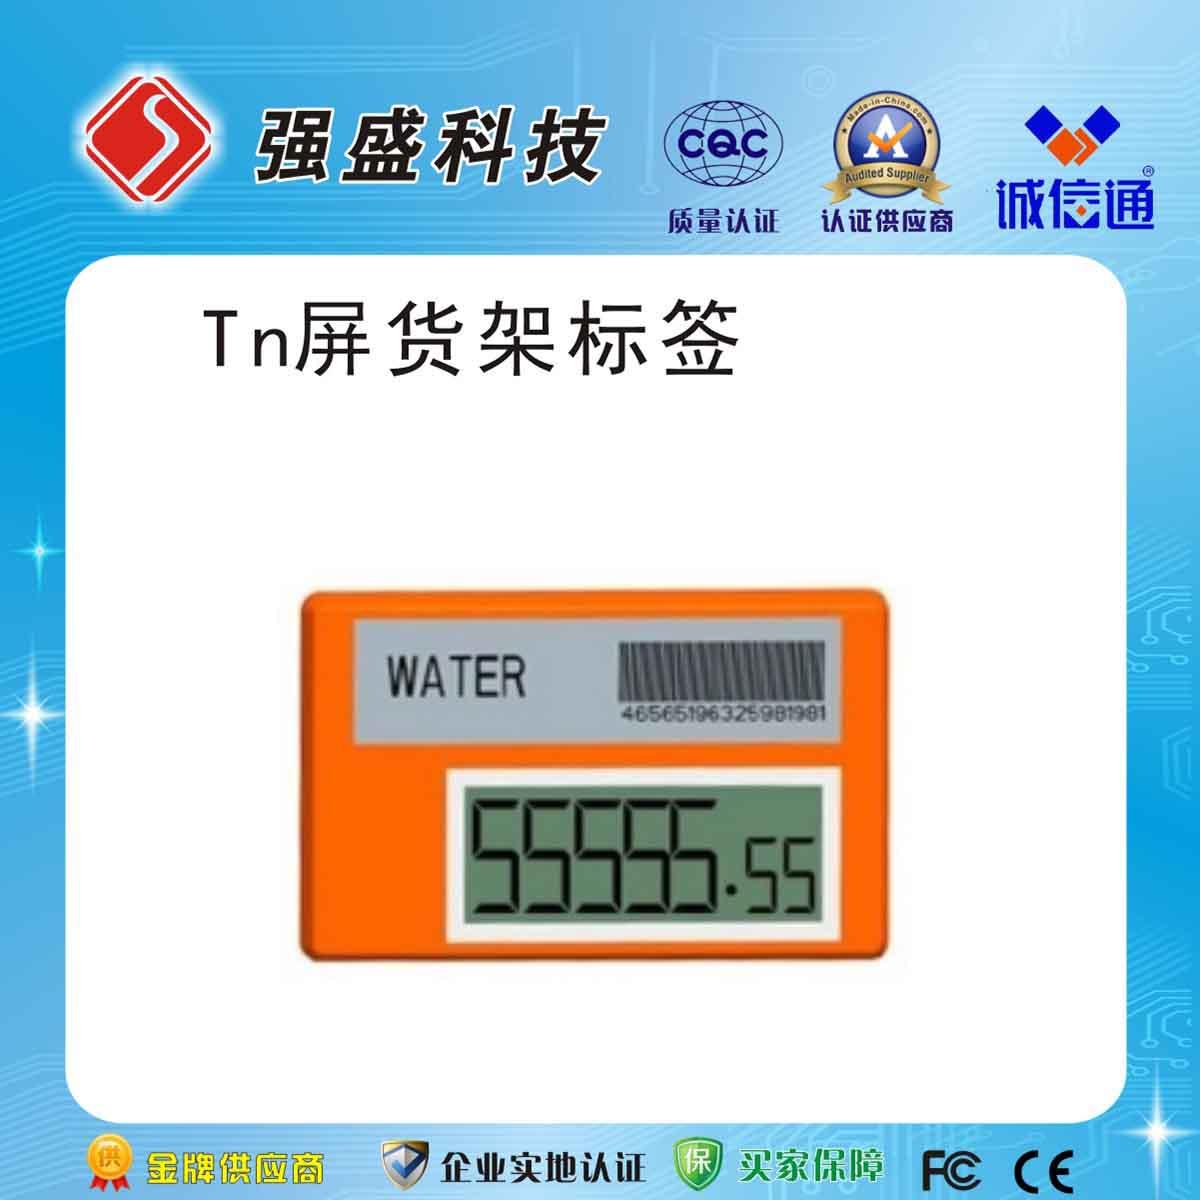 供应rfid商品采购信息标识电子标签esl电子标签